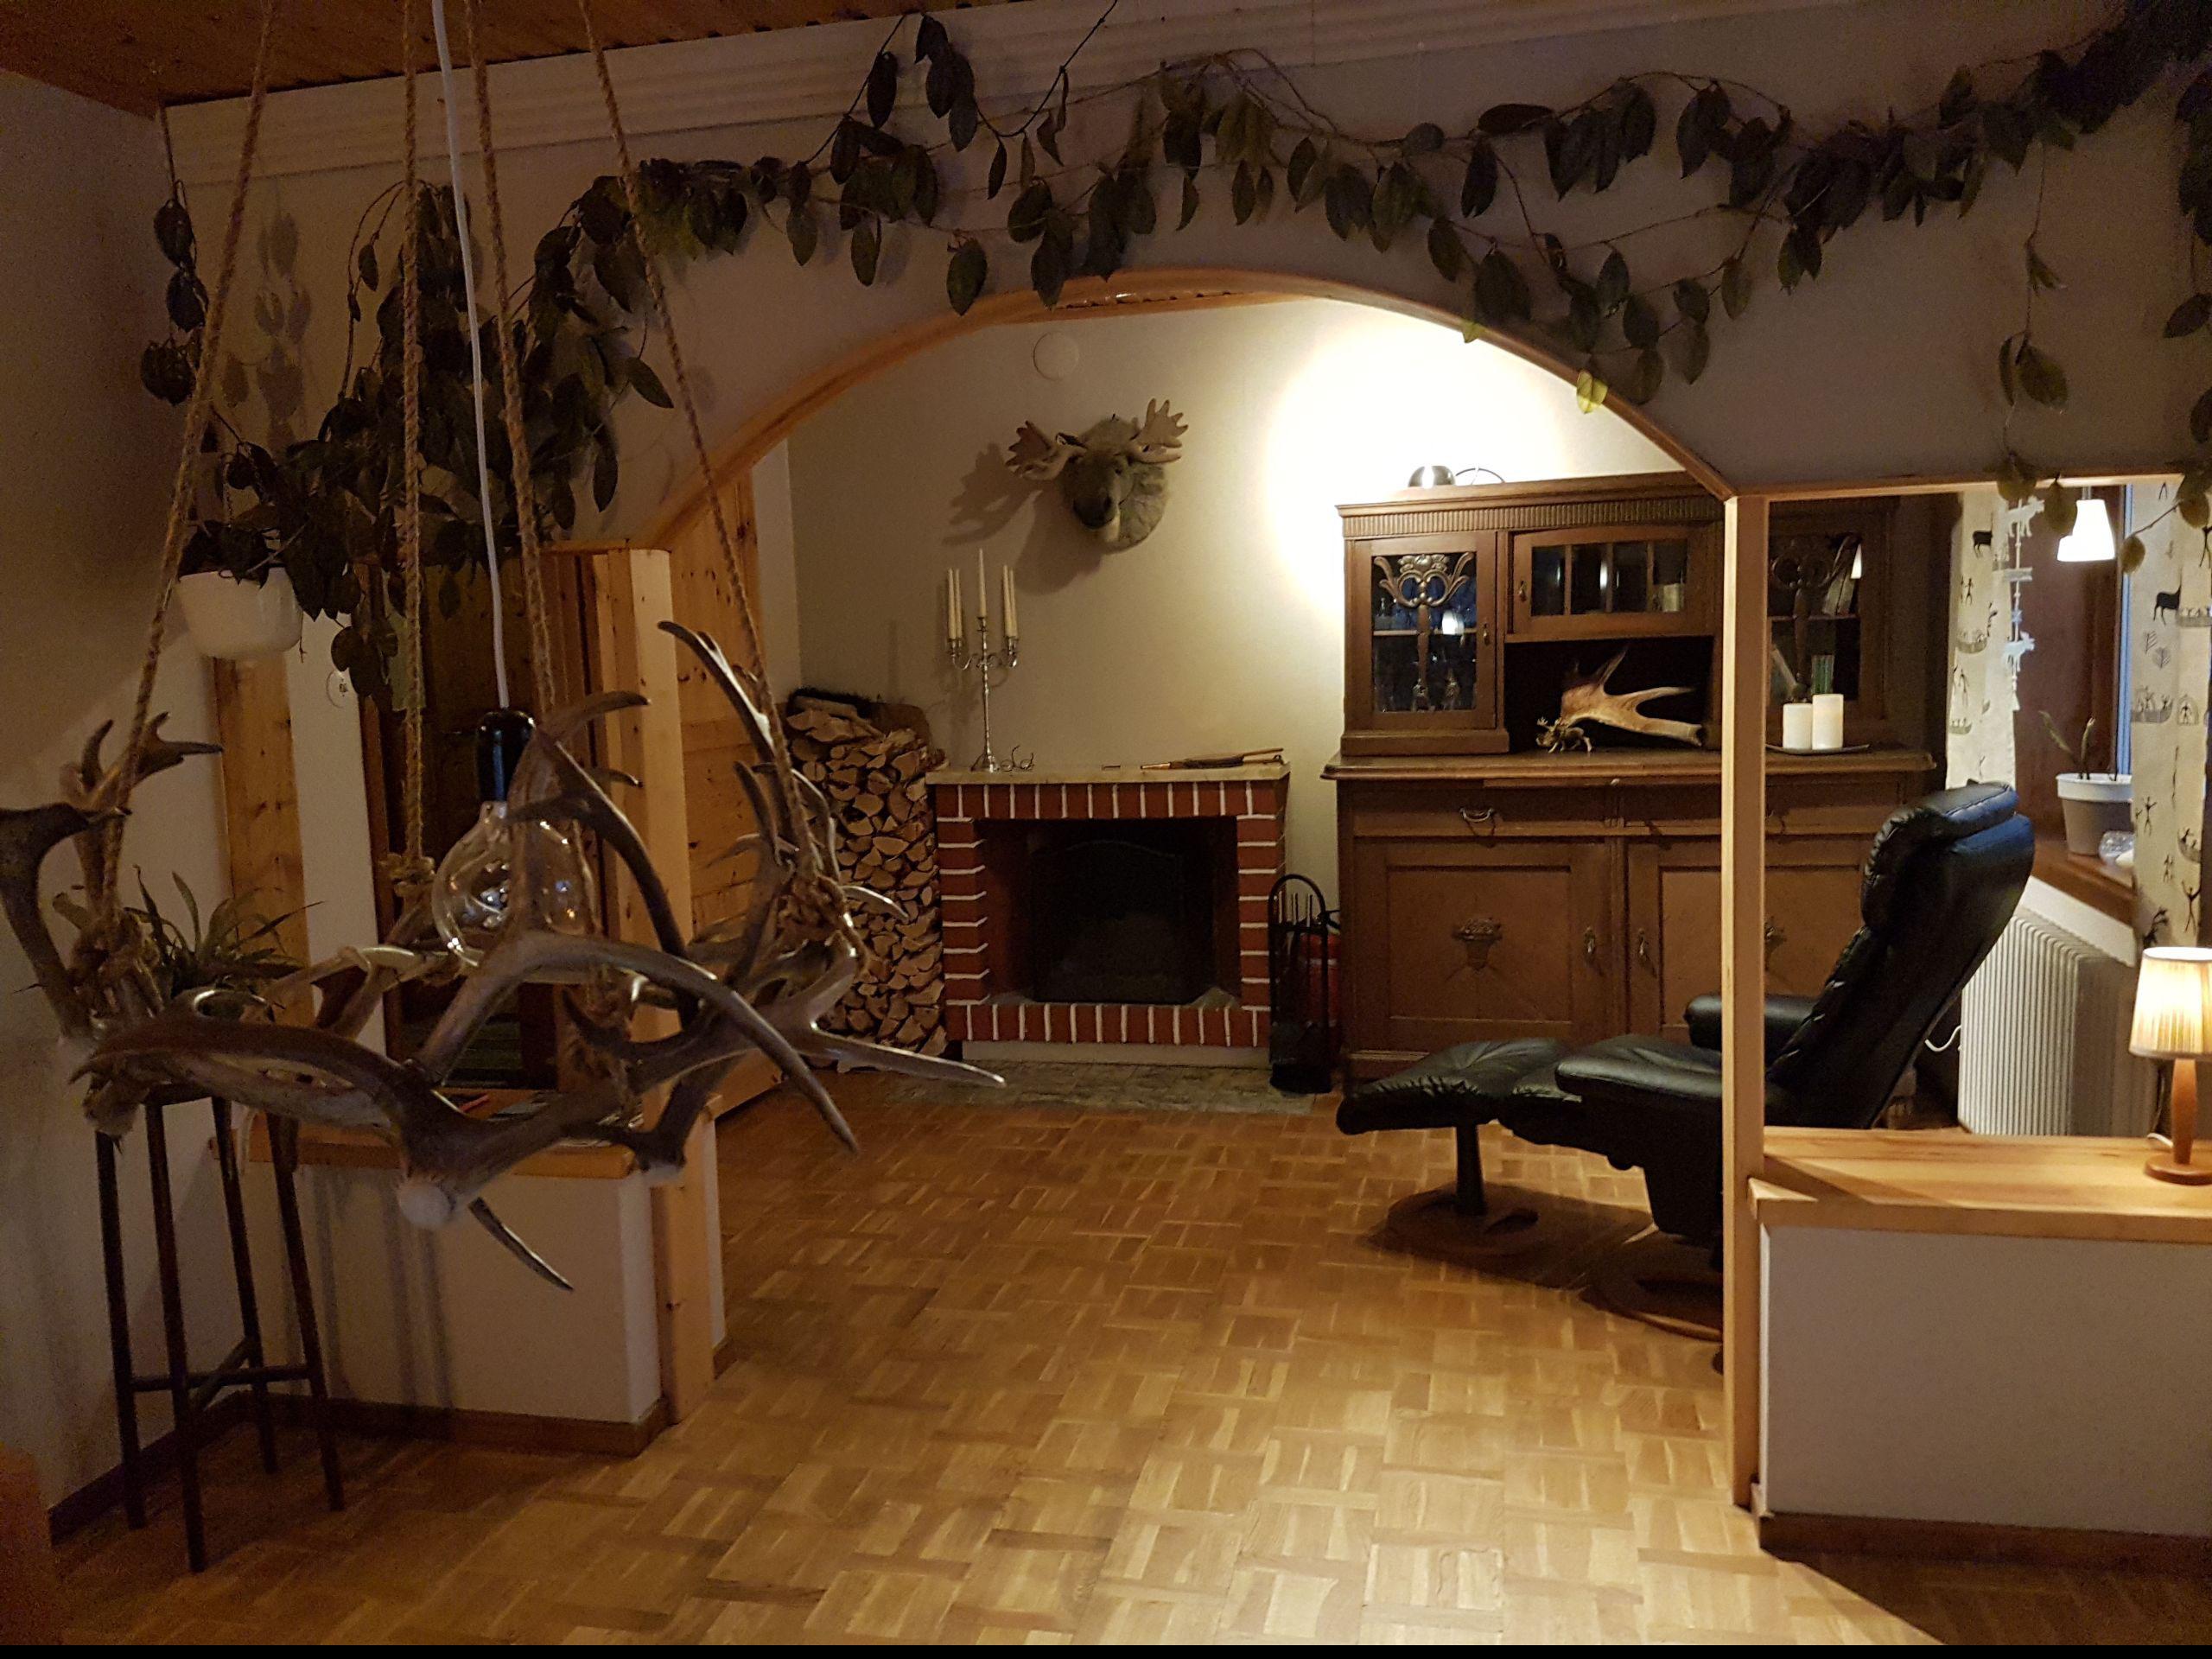 Uriges Wohnzimmer im Lapplandstil mit offenem Kamin, Relaxsessel